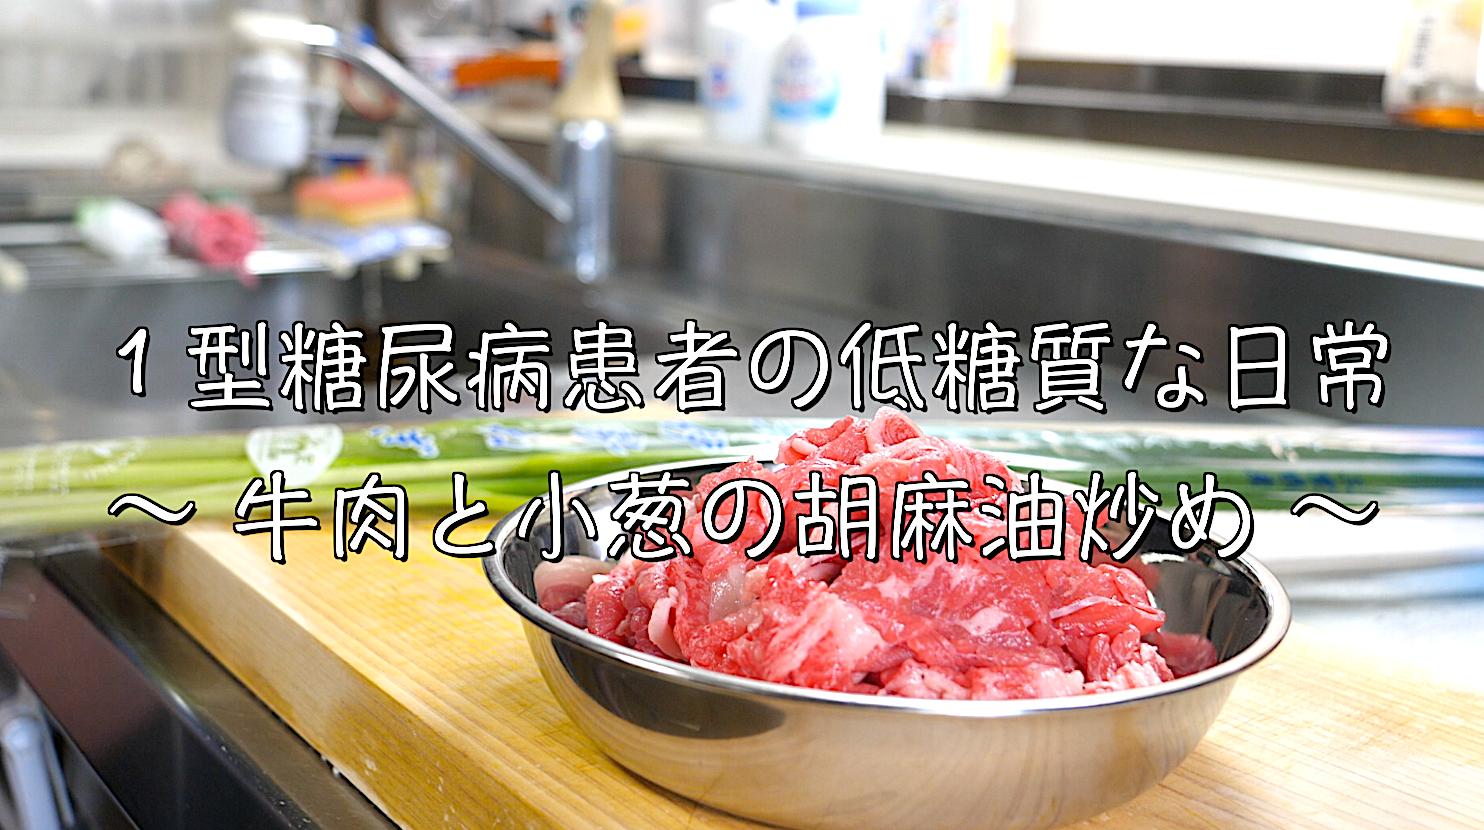 牛肉 低糖質 糖質制限 レシピ